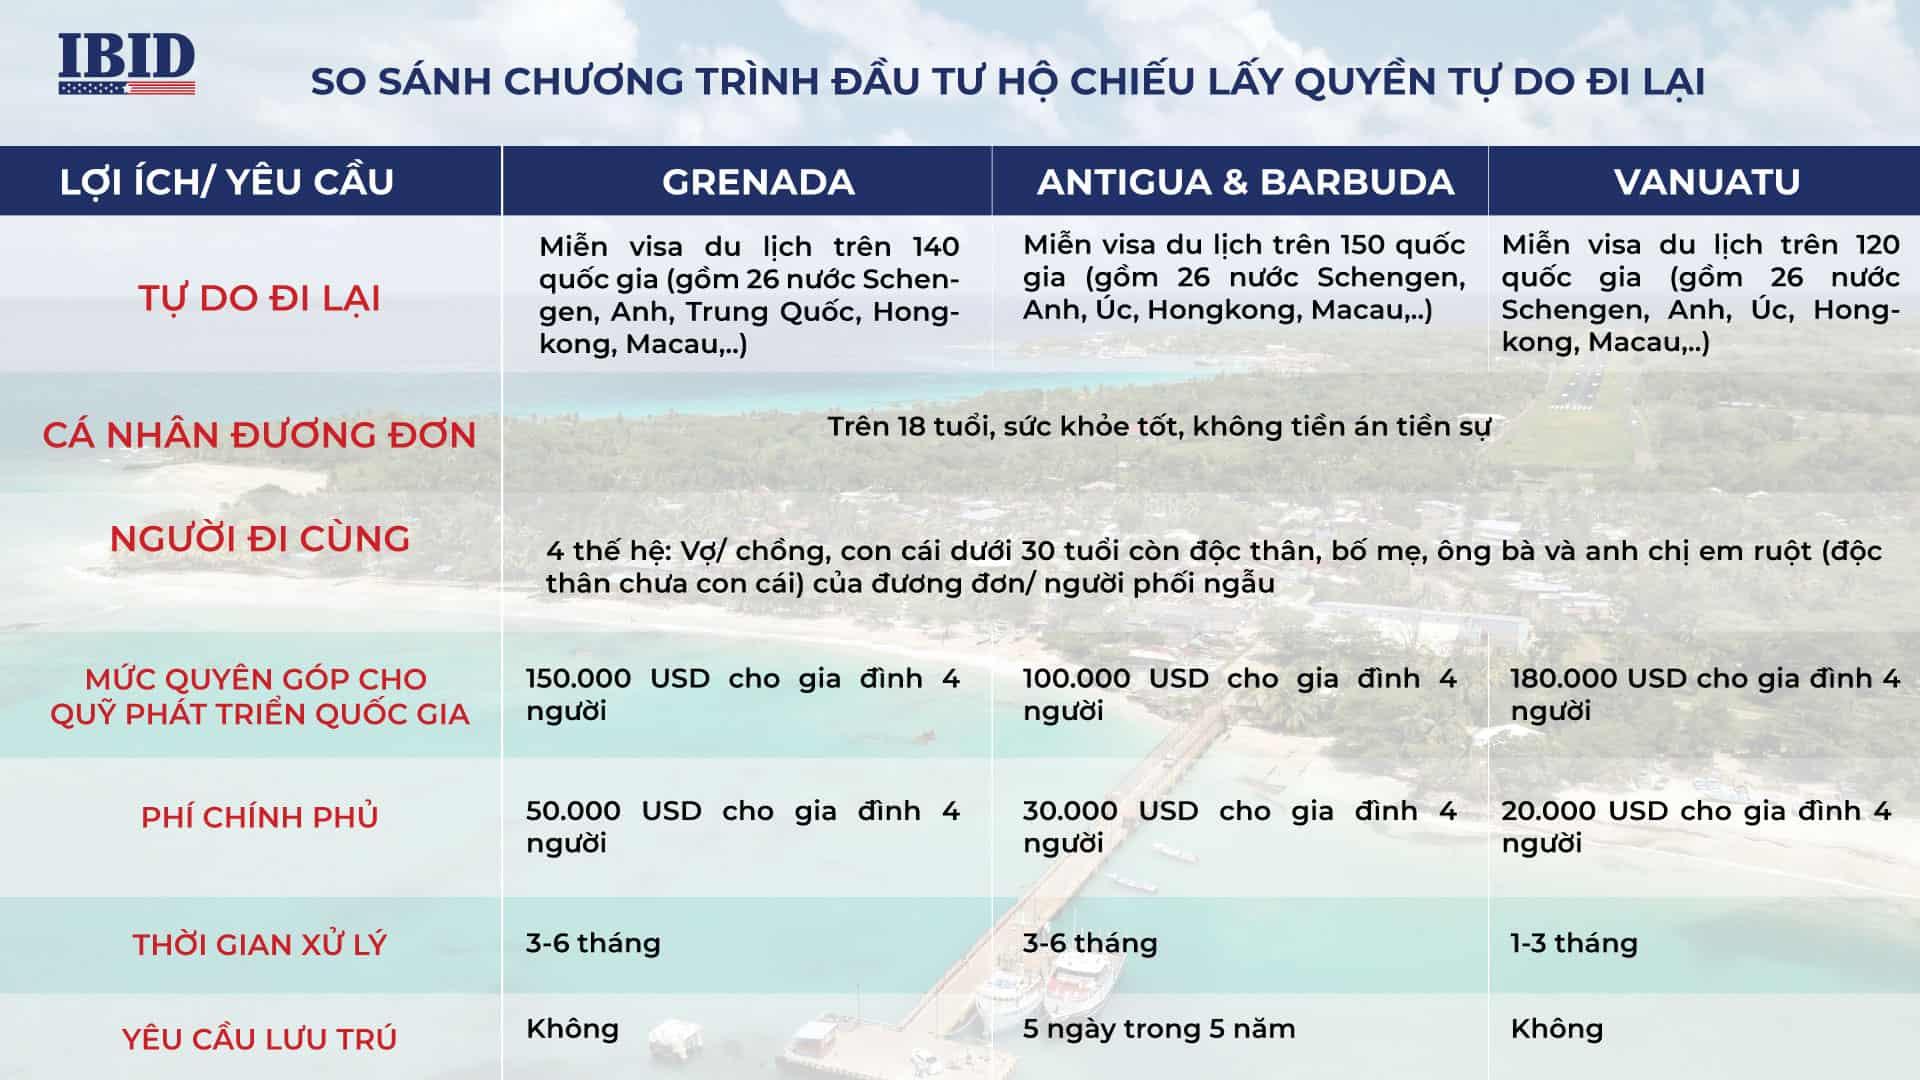 Bảng so sánh các chương trình hộ chiếu Carribean